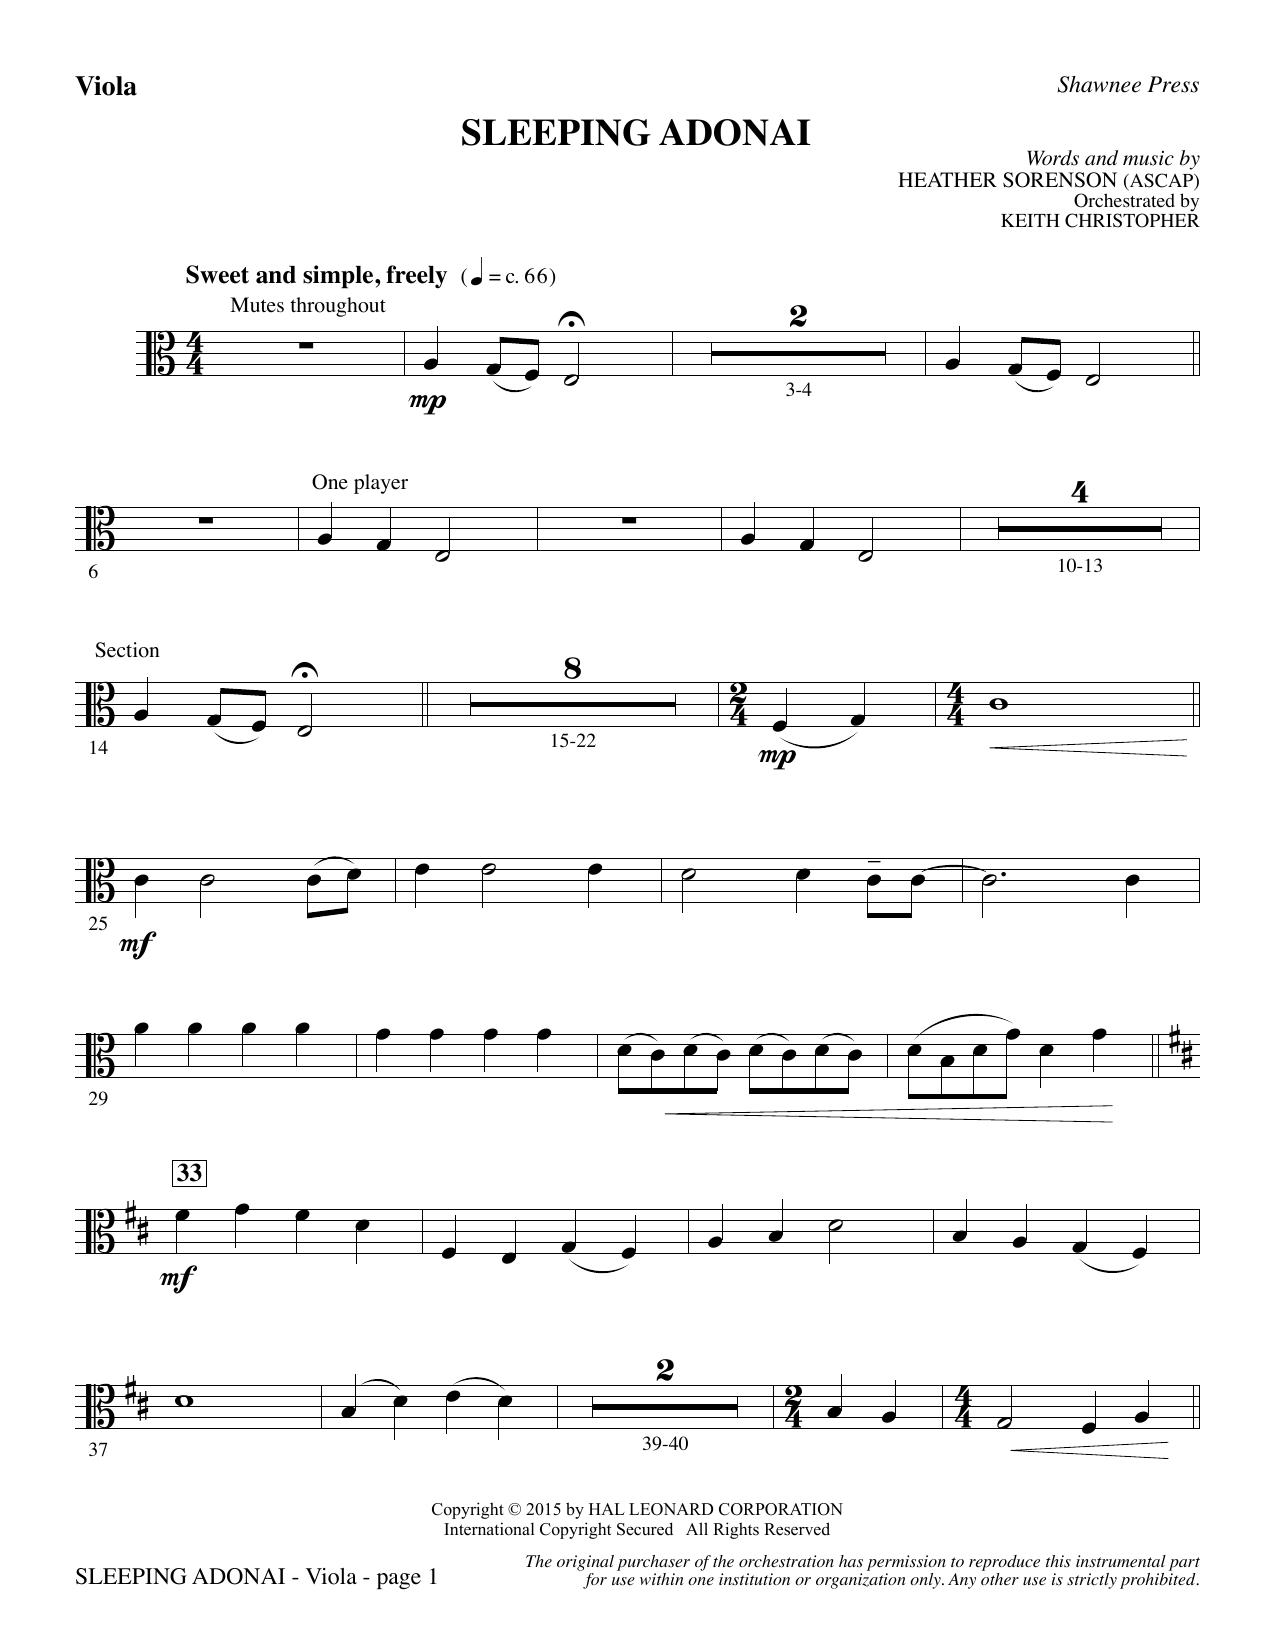 Sleeping Adonai - Viola Sheet Music